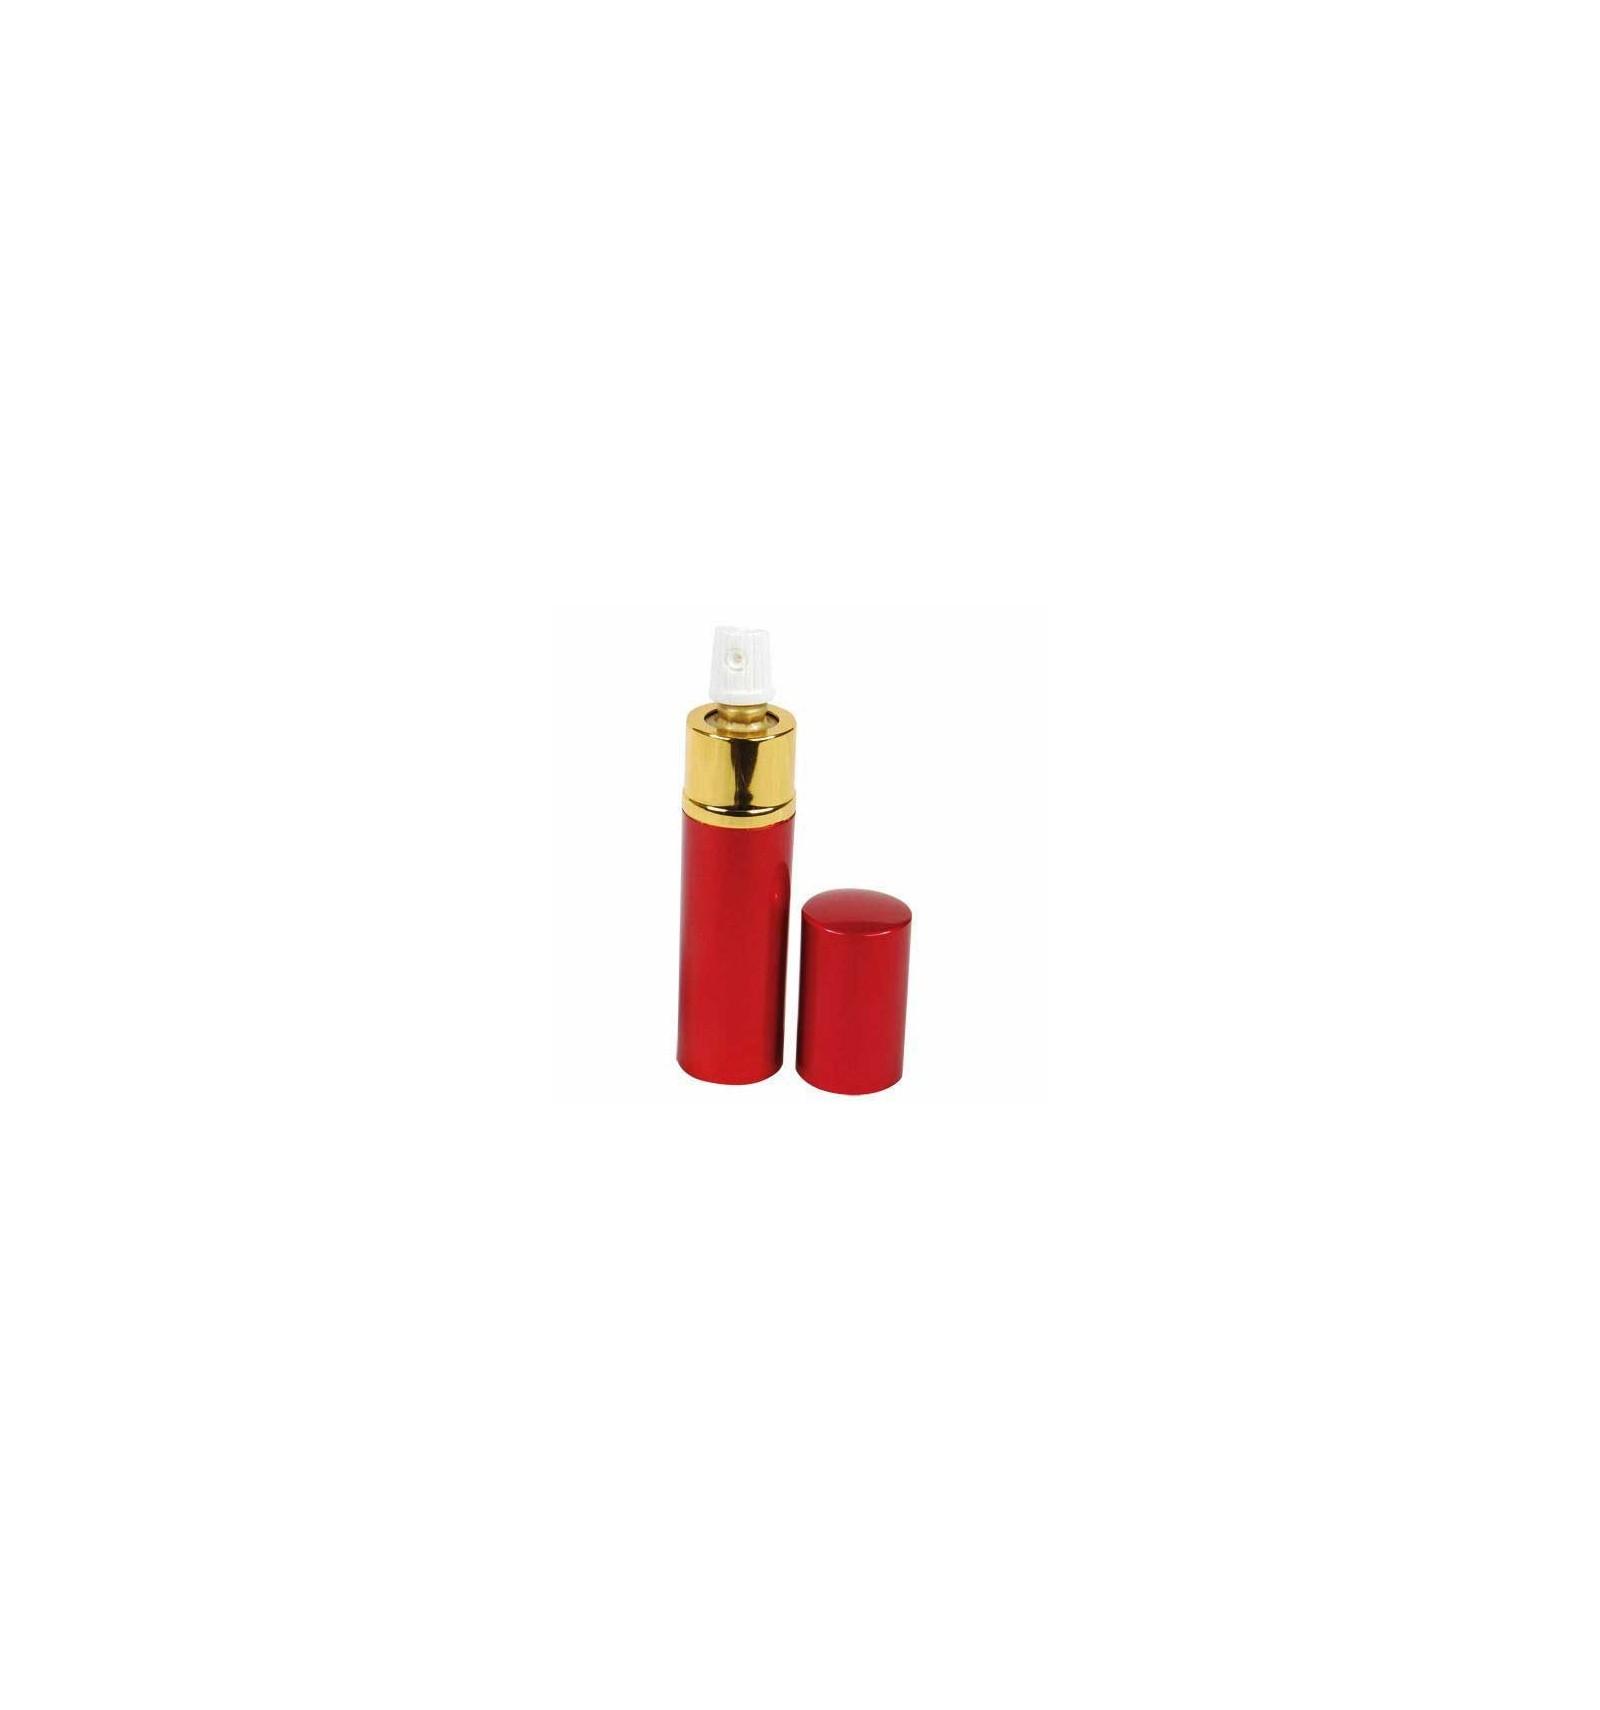 Lipstick pepper spray fingereze - Pepper sprinkler ...